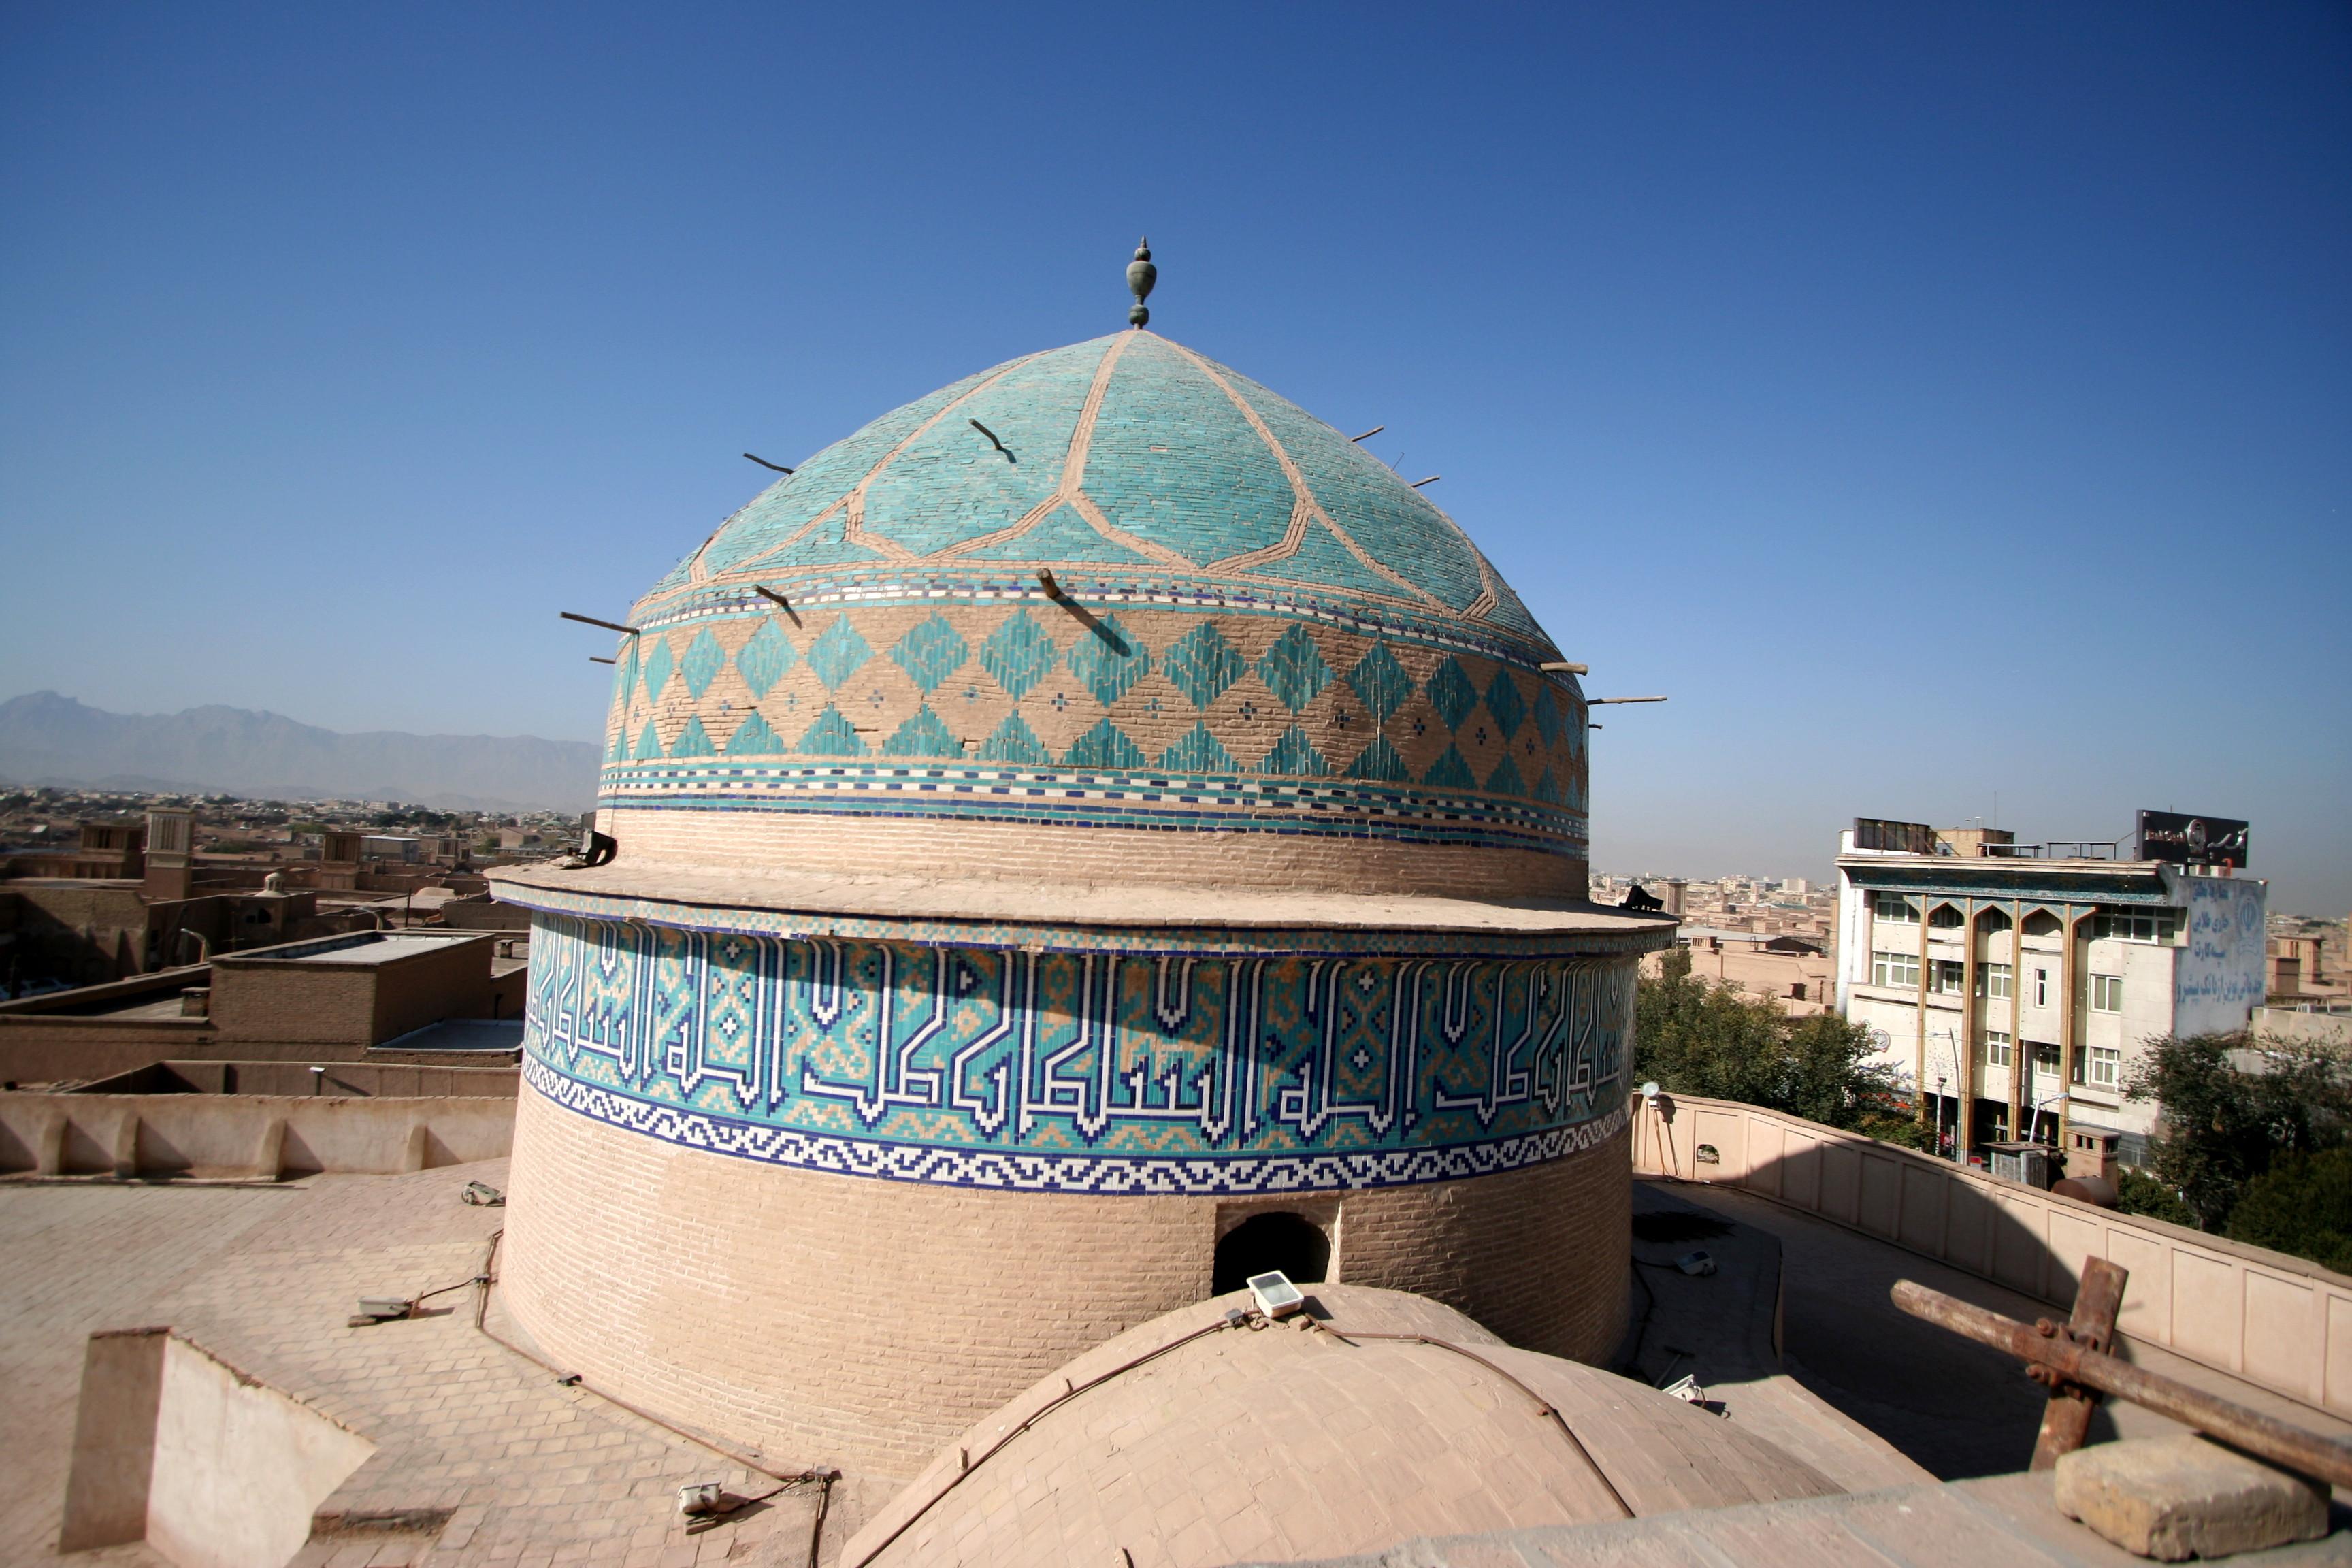 Sale Blu Di Persia Wikipedia : Storia delle cupole persiane wikipedia